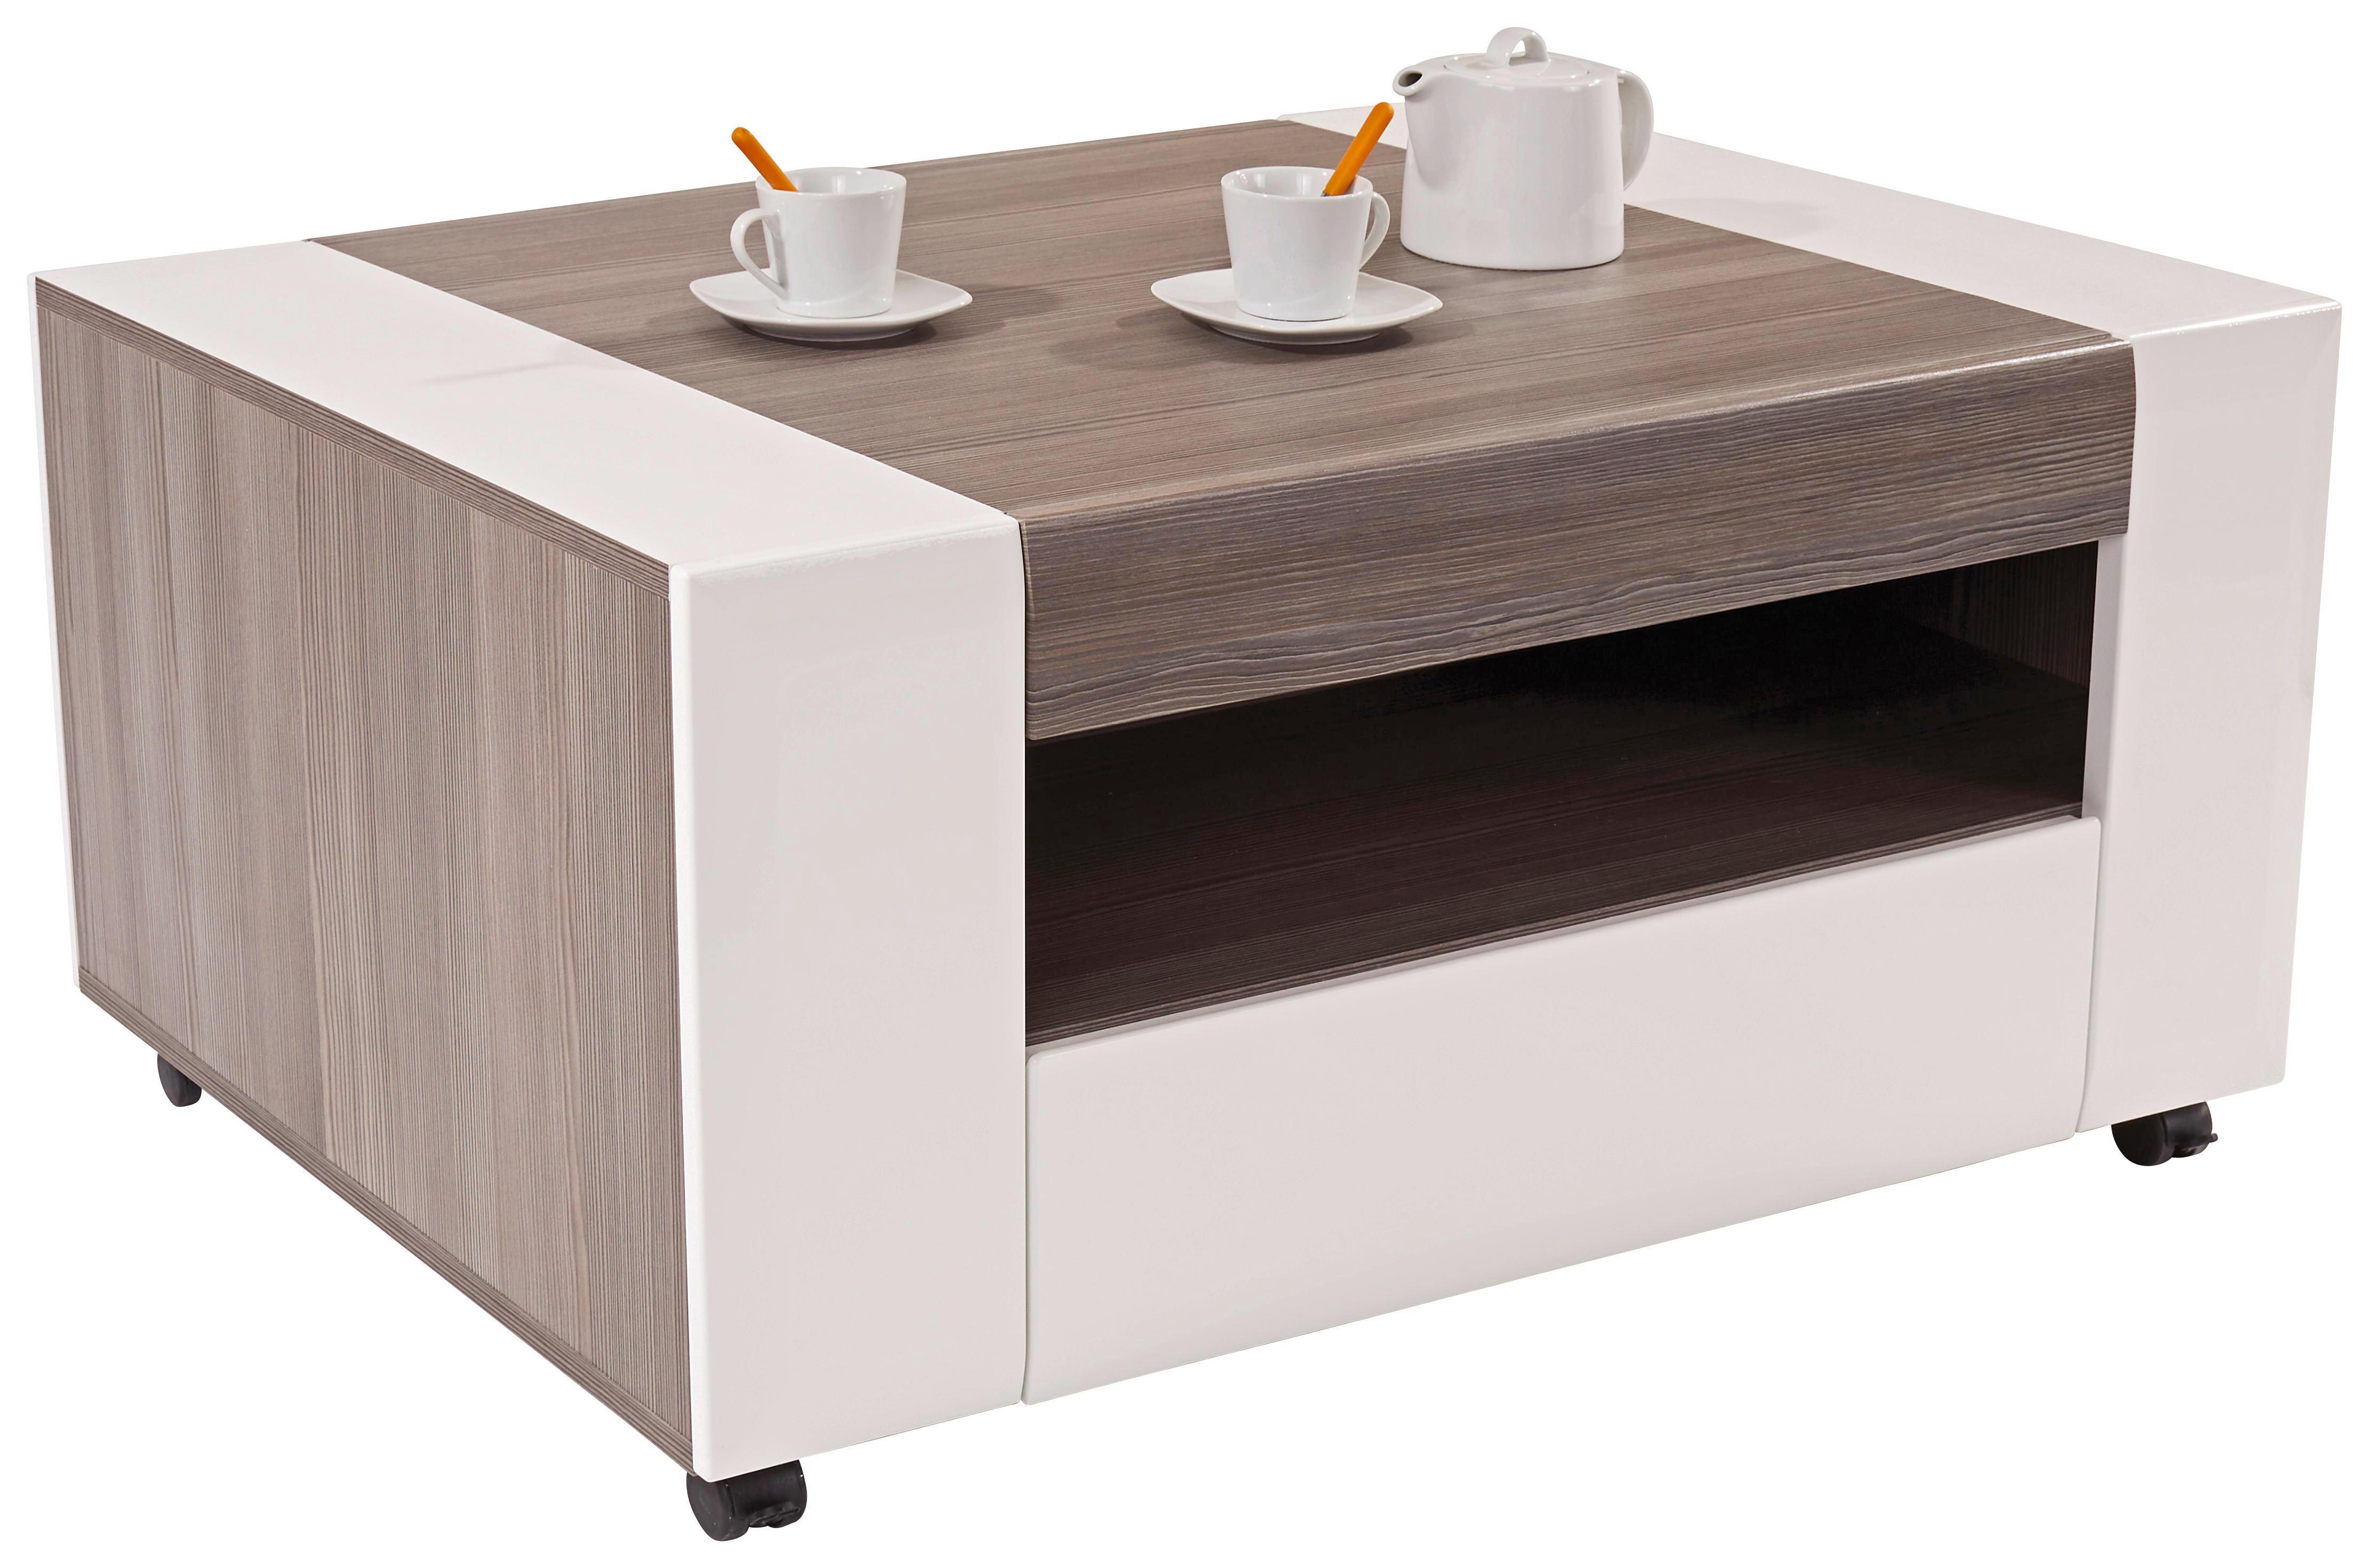 Dohányzóasztal Toronto - sötétszürke/fehér, modern, faanyagok (110/48,3/75cm) - OMBRA